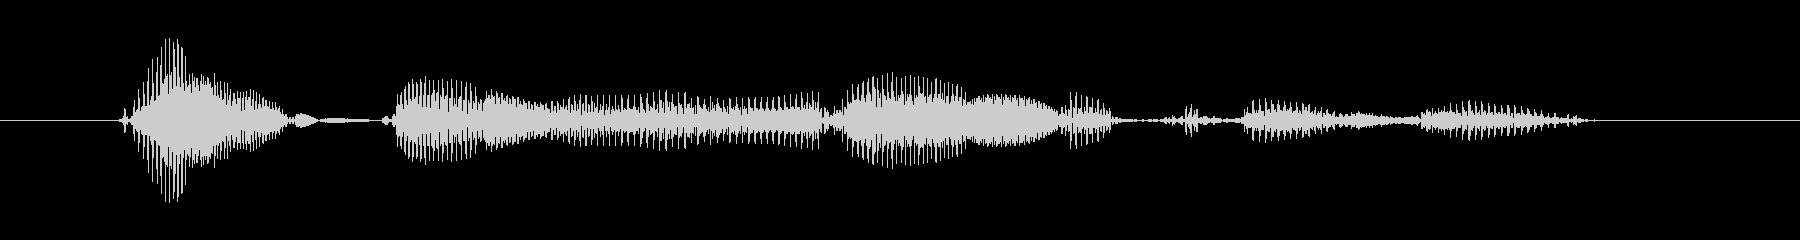 アイテムを選んでくださいの未再生の波形